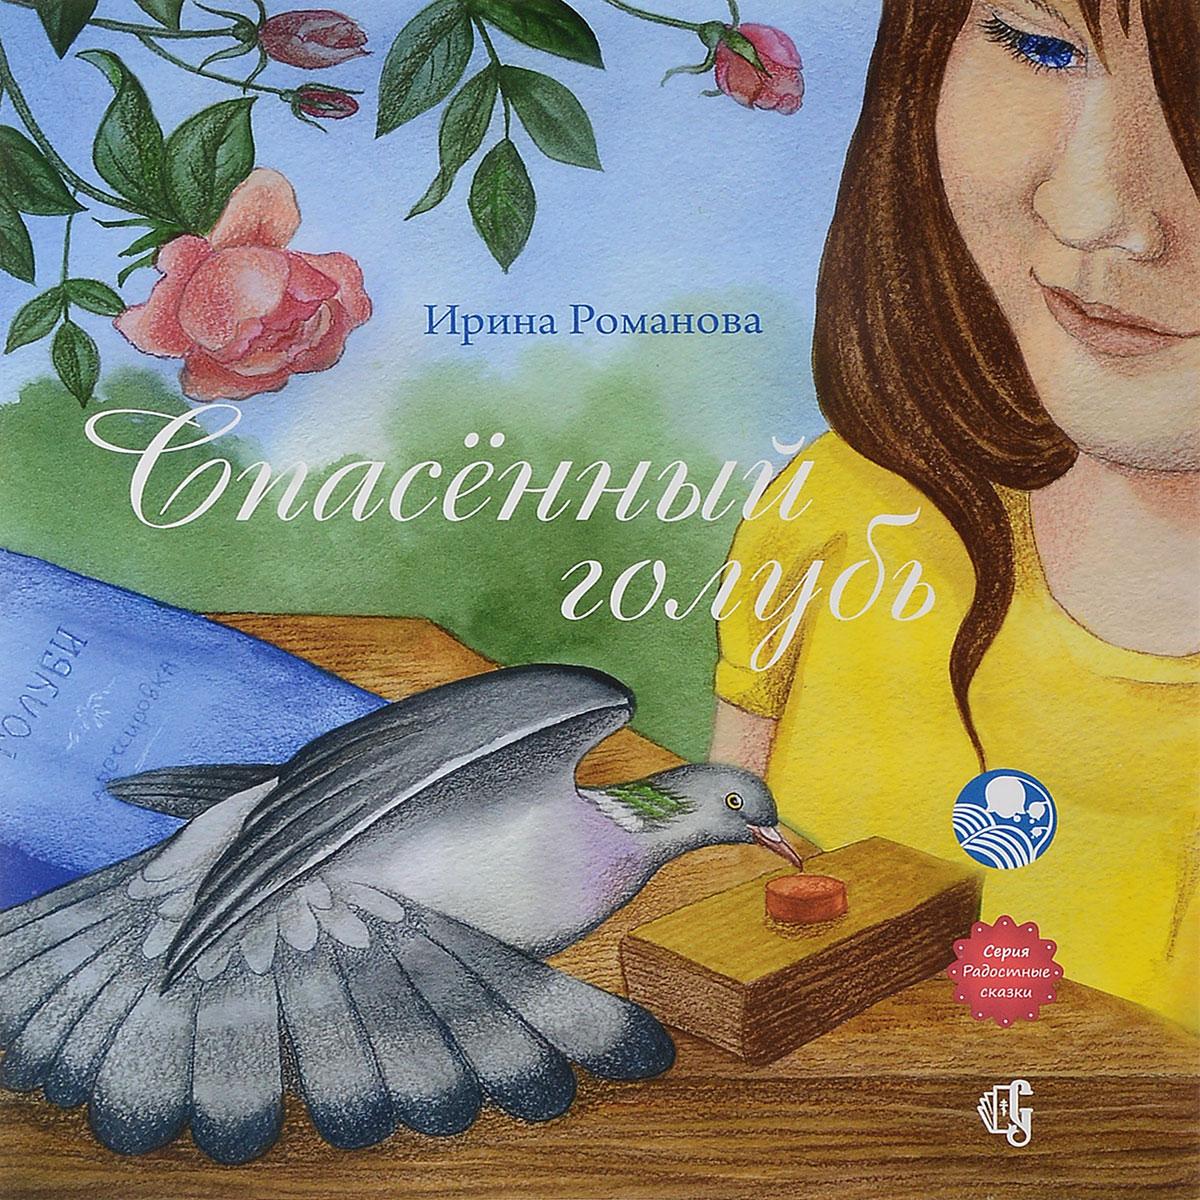 И. Романова Спасённый голубь